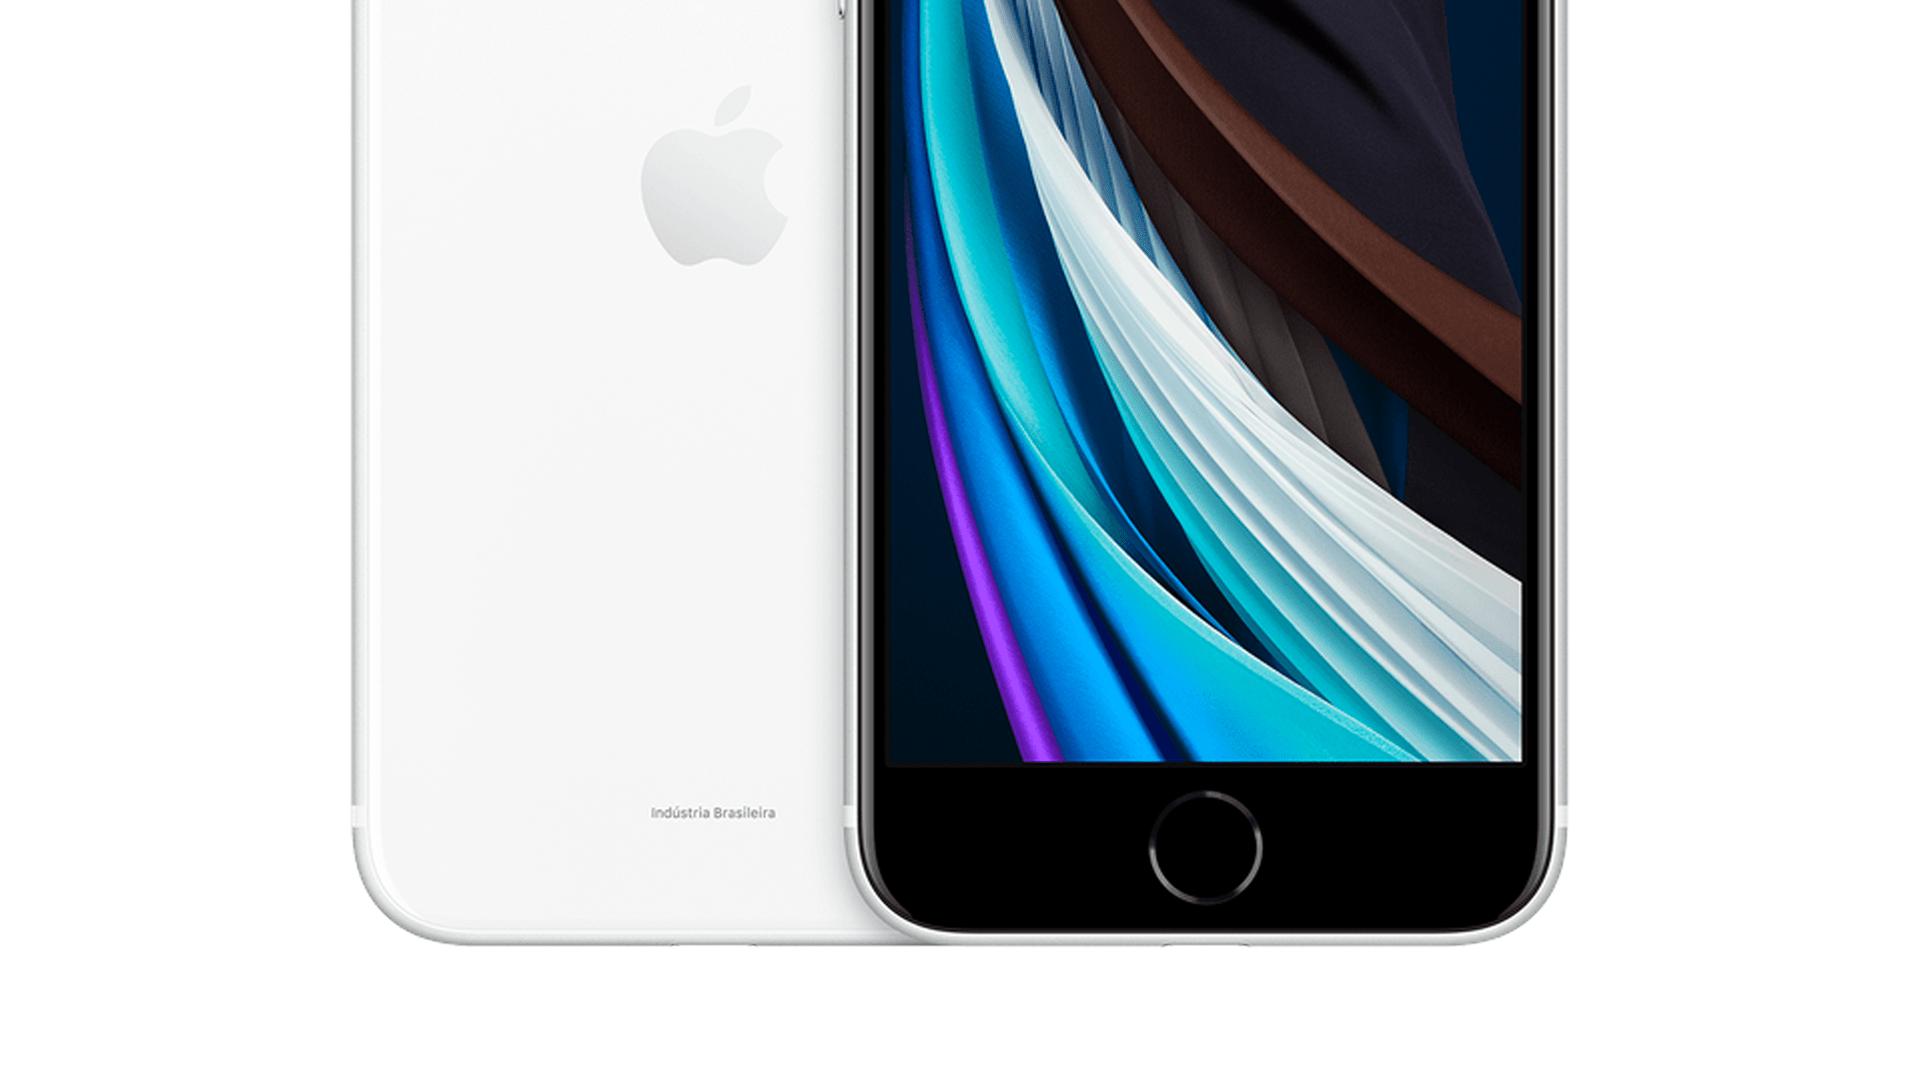 苹果计划在巴西组装新款iPhone S